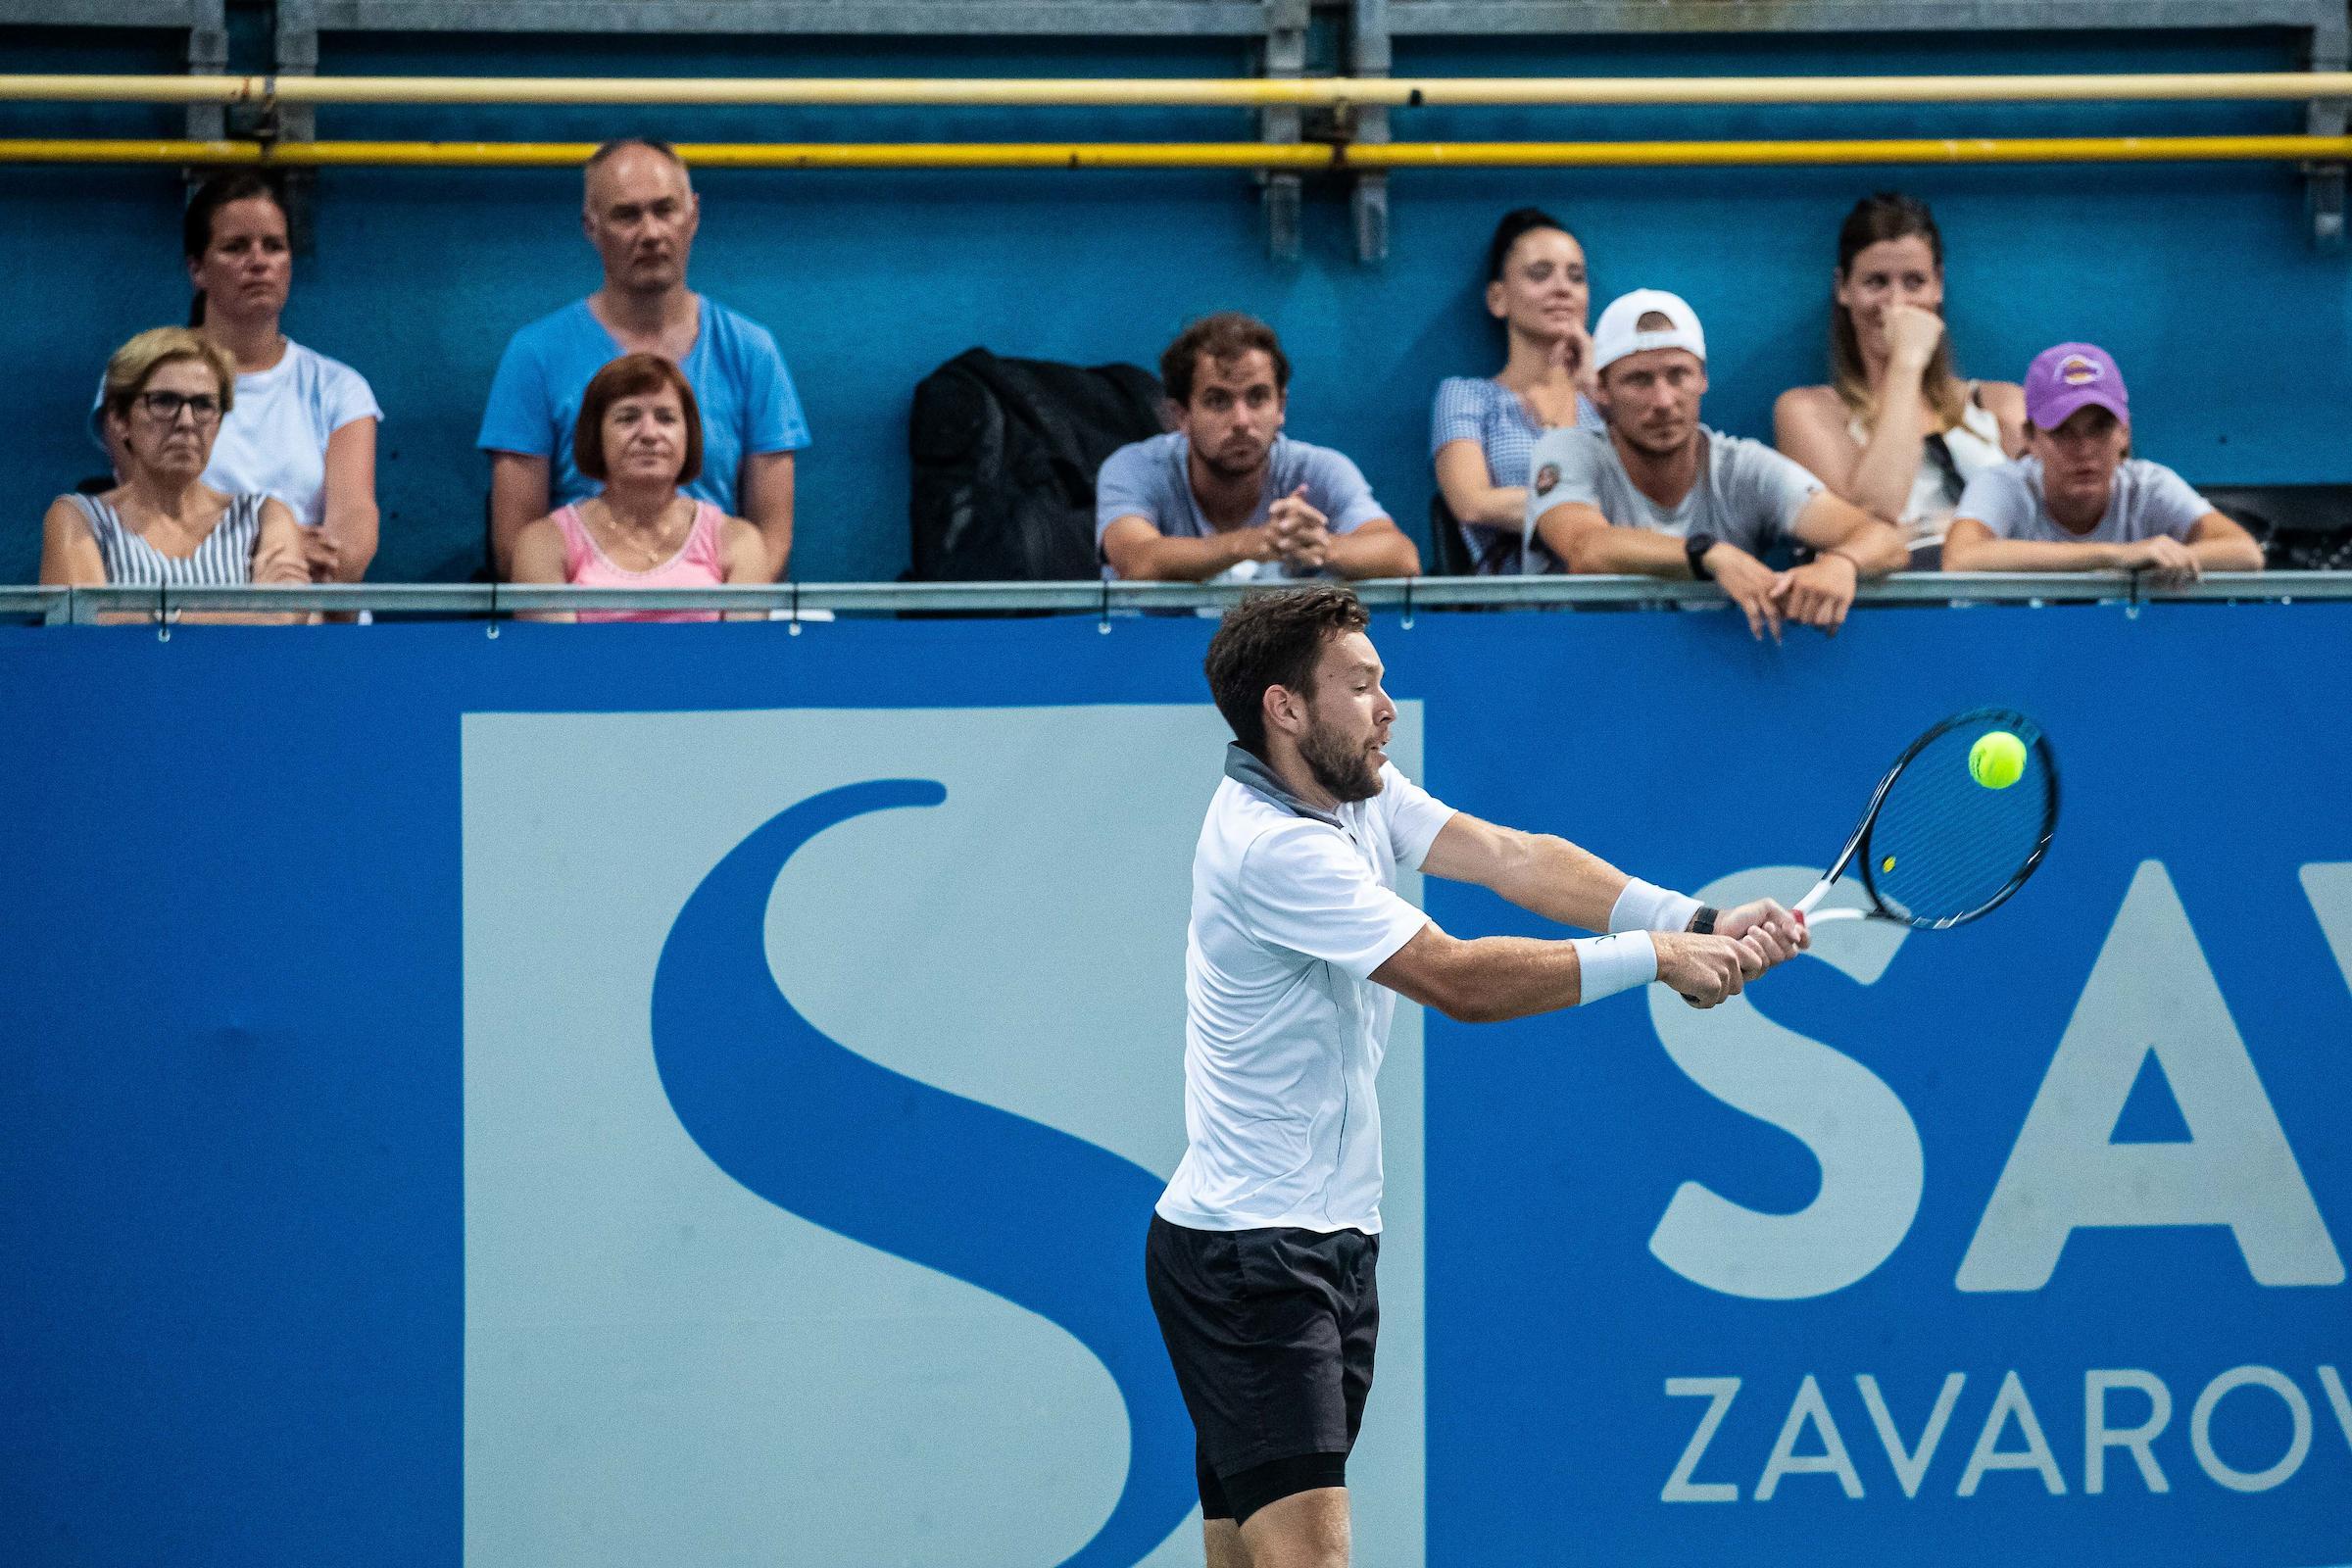 Sven Lah Tenis ATP Portoroz2019 day2 1314 190810 GV - ITF: Erjavčeva uspešno skozi kvalifikacijsko sito v Budimpešti, napredoval tudi Lah